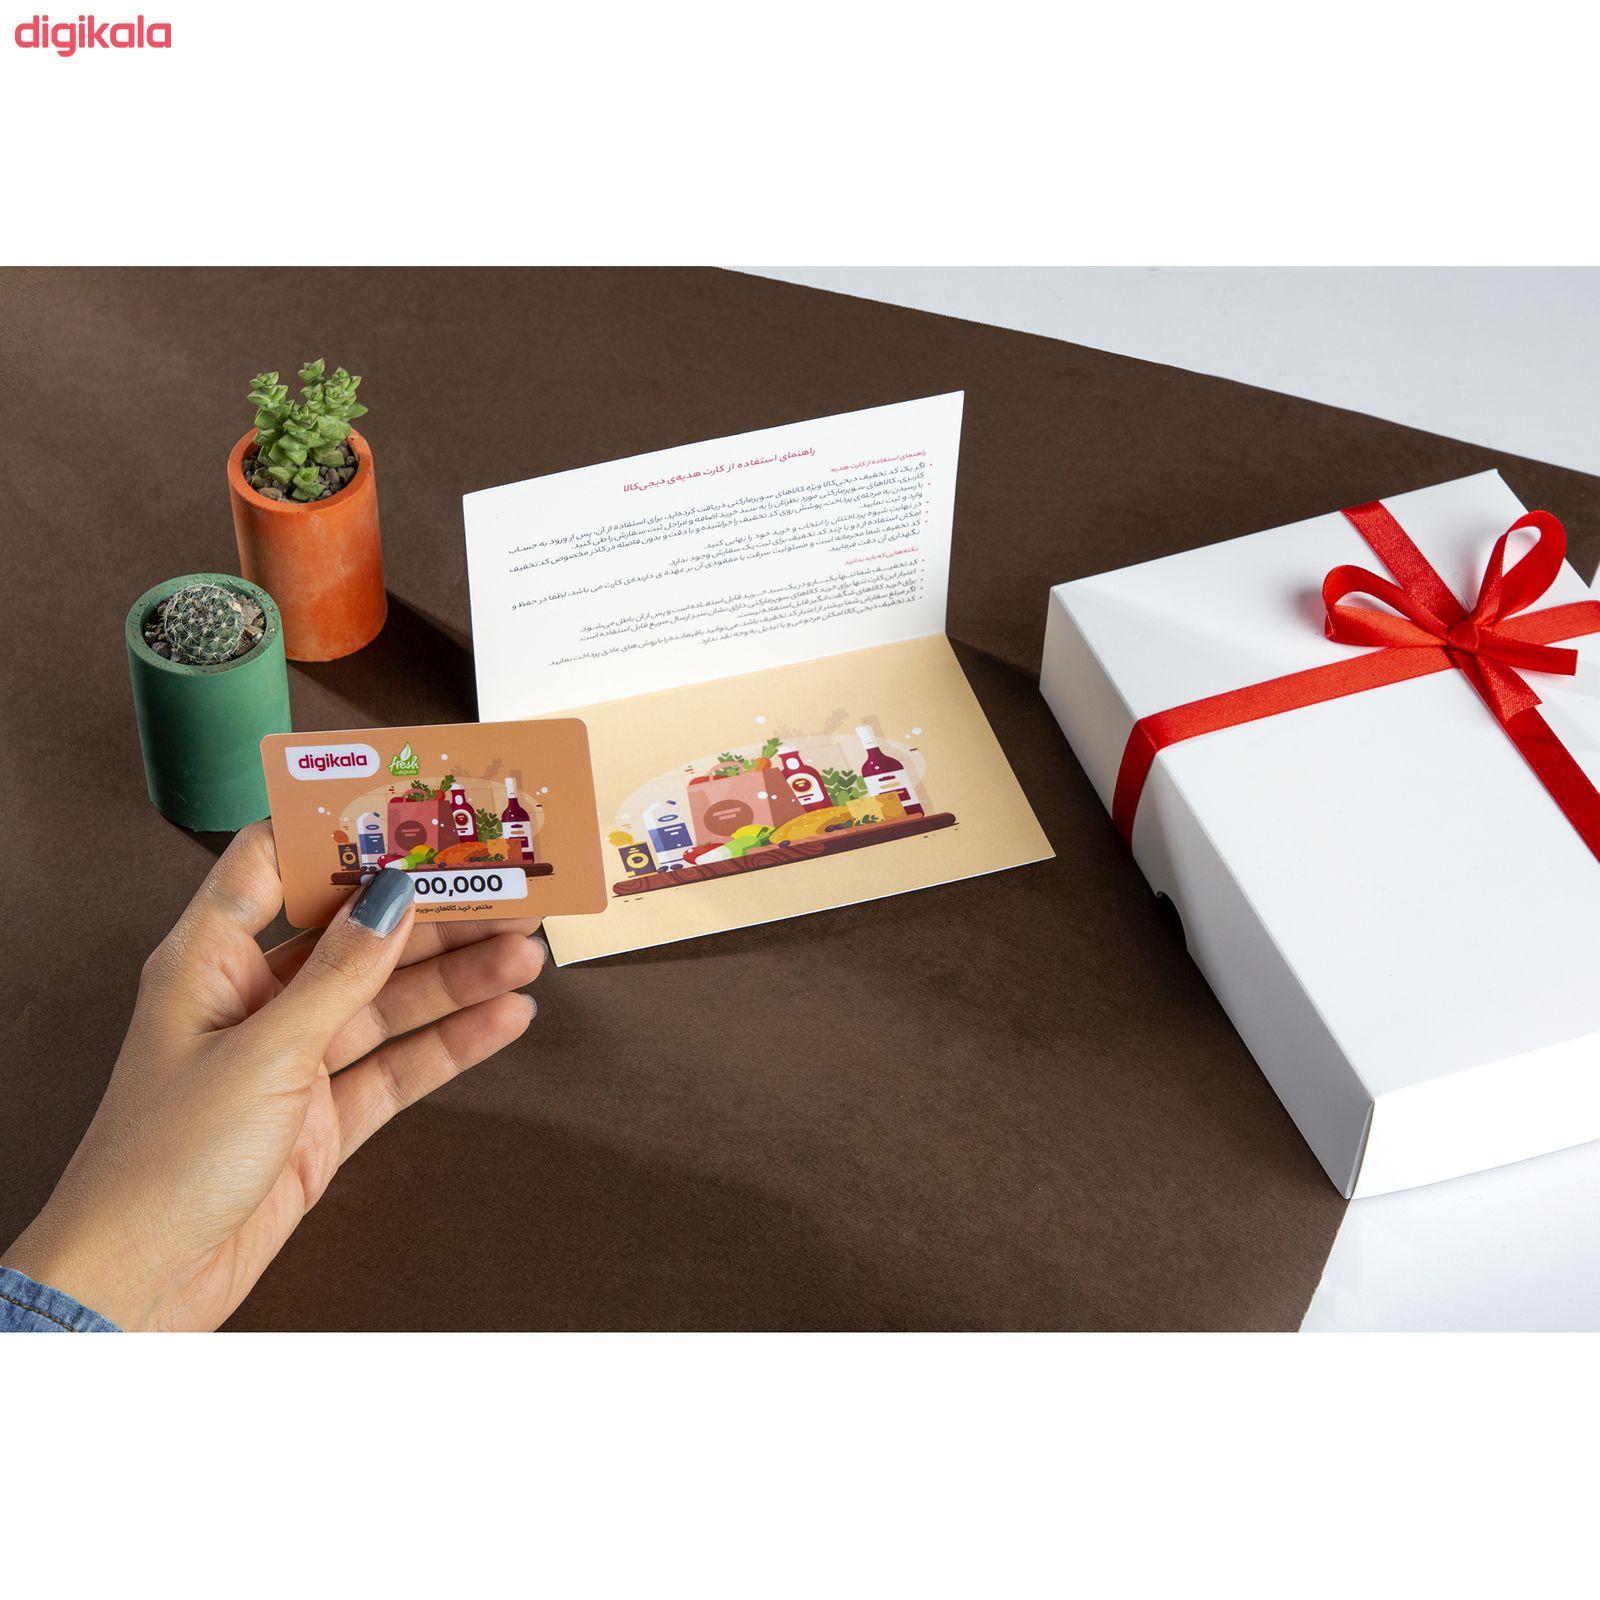 کارت هدیه دیجی کالا به ارزش 150.000 تومان - ویژه گروه کالاهای خوردنی و آشامیدنی main 1 4